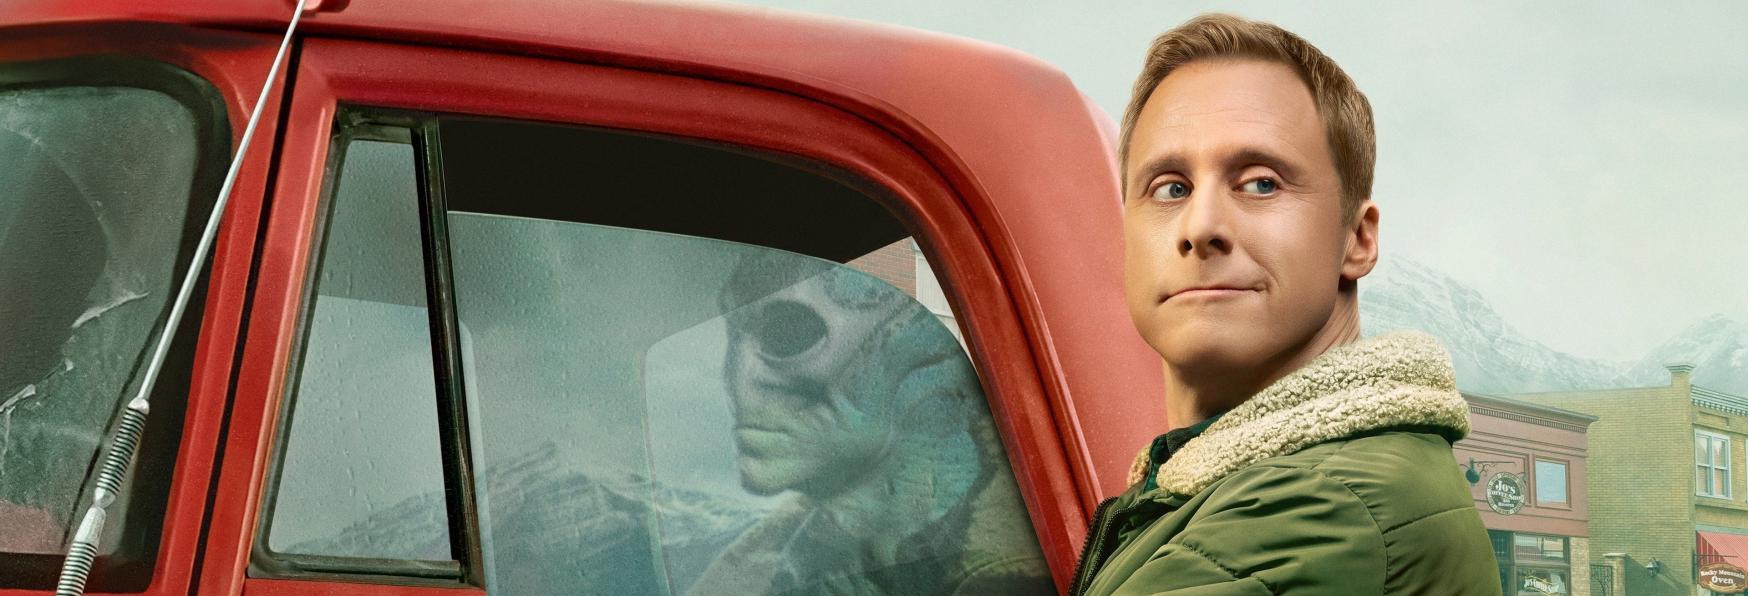 Resident Alien 2 ci sarà! SYFY Rinnova la Serie TV con Alan Tudyk